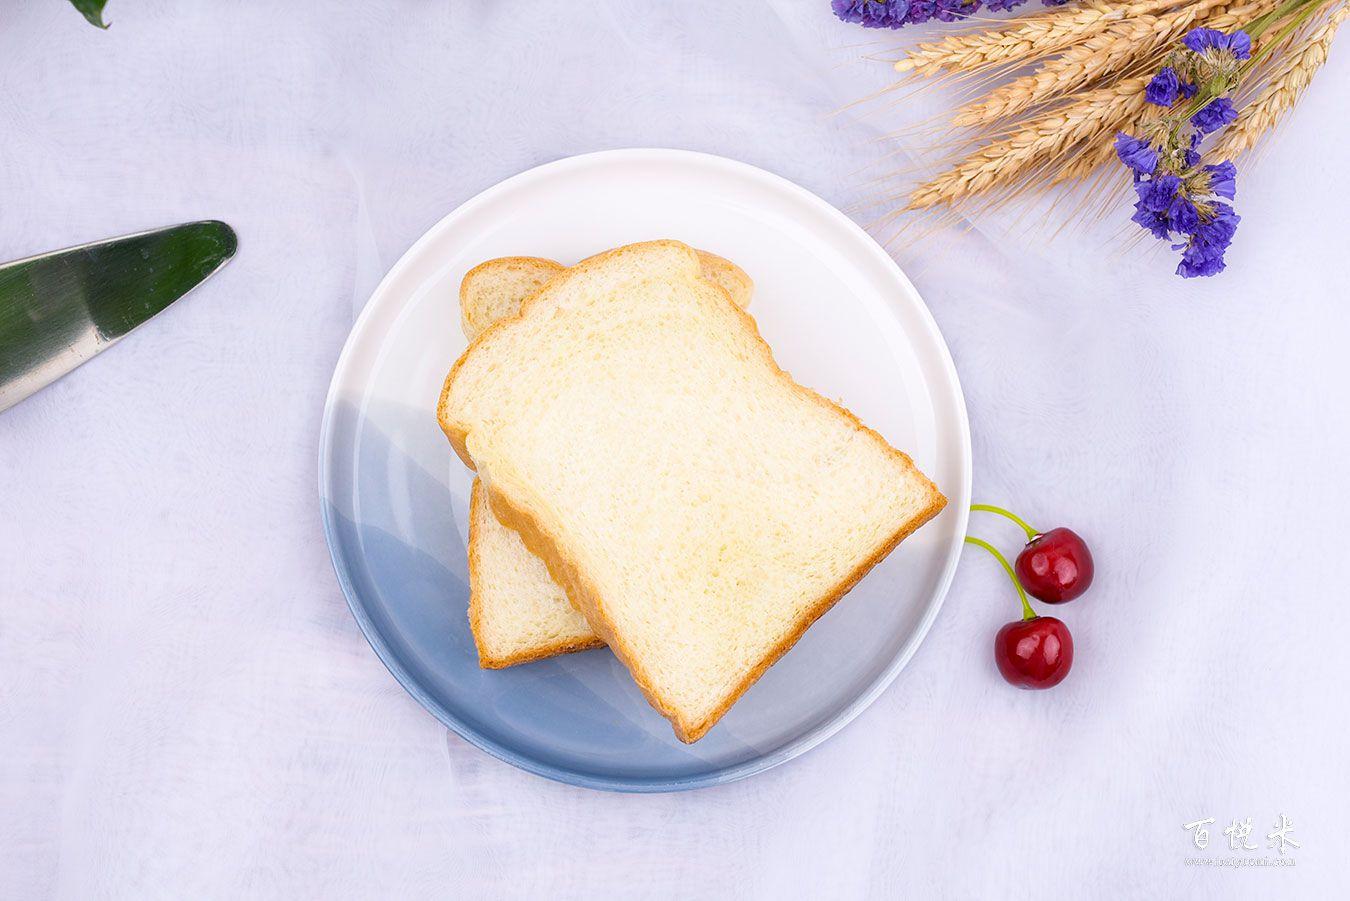 老面吐司面包高清图片大全【蛋糕图片】_432